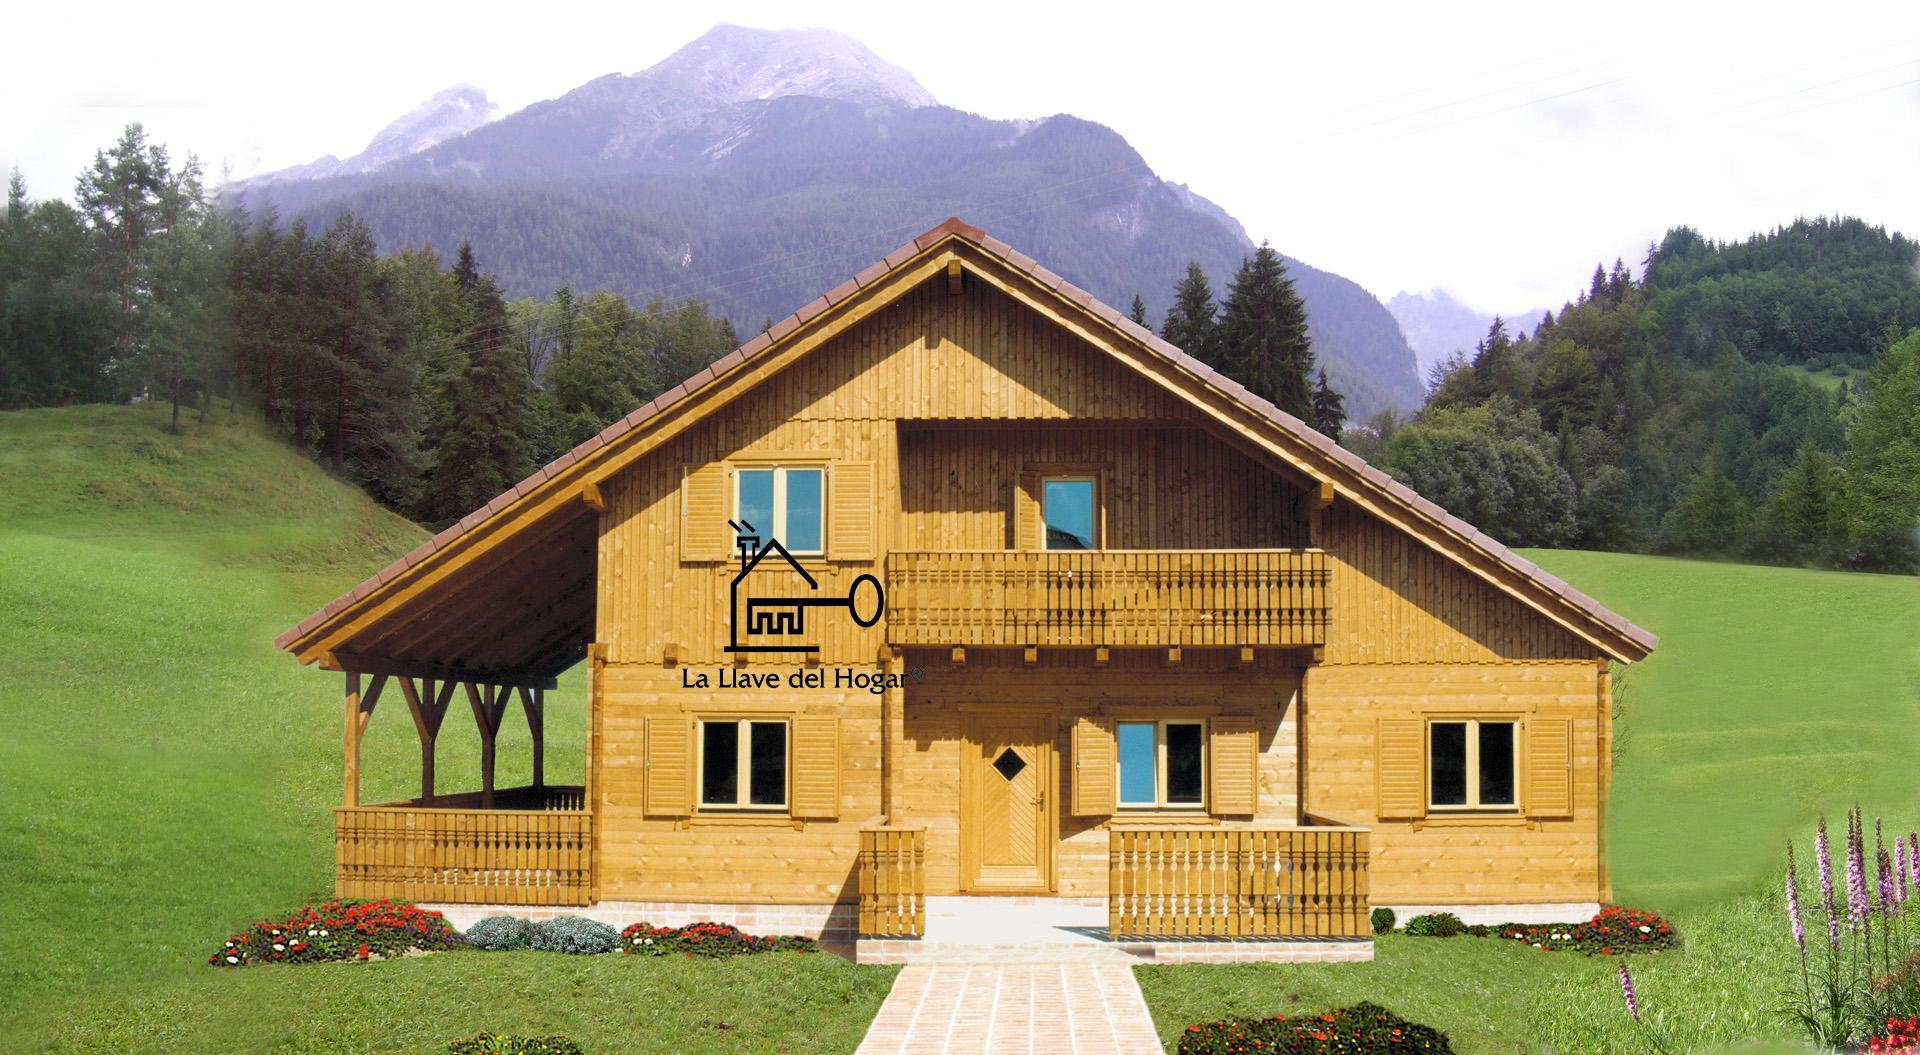 Toledo 180m casas de madera la llave del hogar - Casa madera barata ...